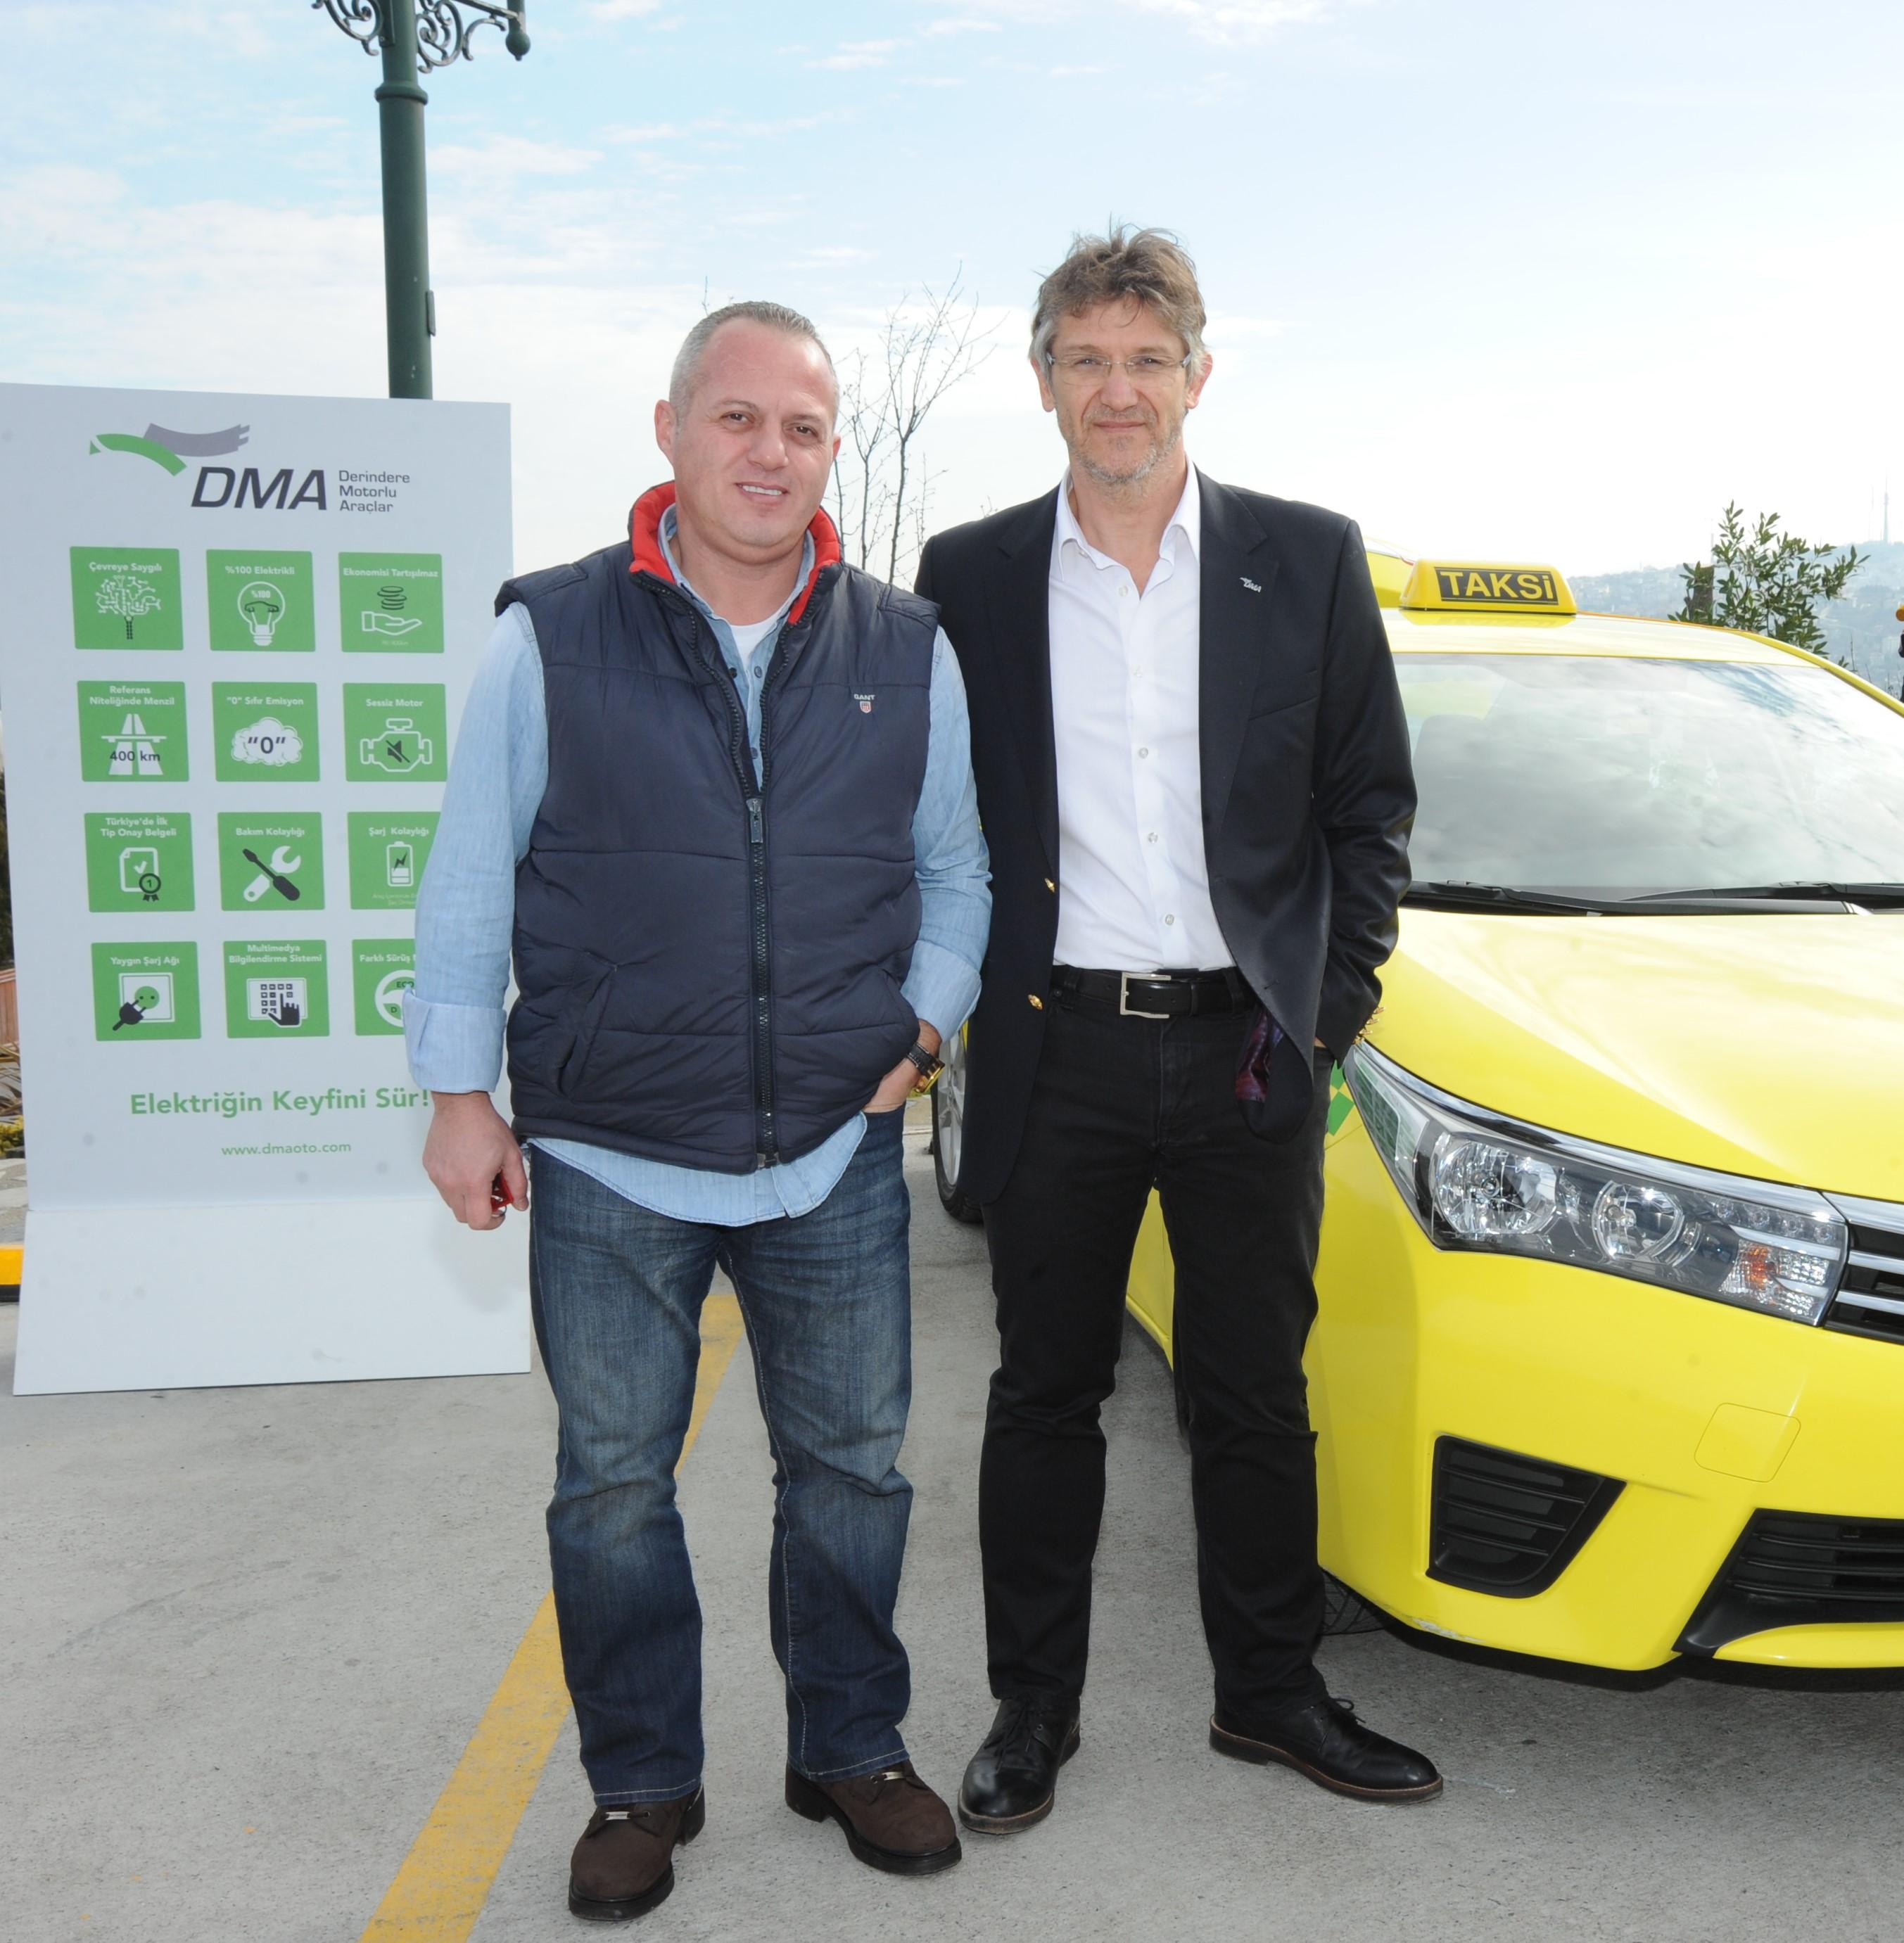 İlk yerli elektrikli taksinin sürücüsü Mert Al ve DMA Yönetim Kurulu Başkanı Önder Yol